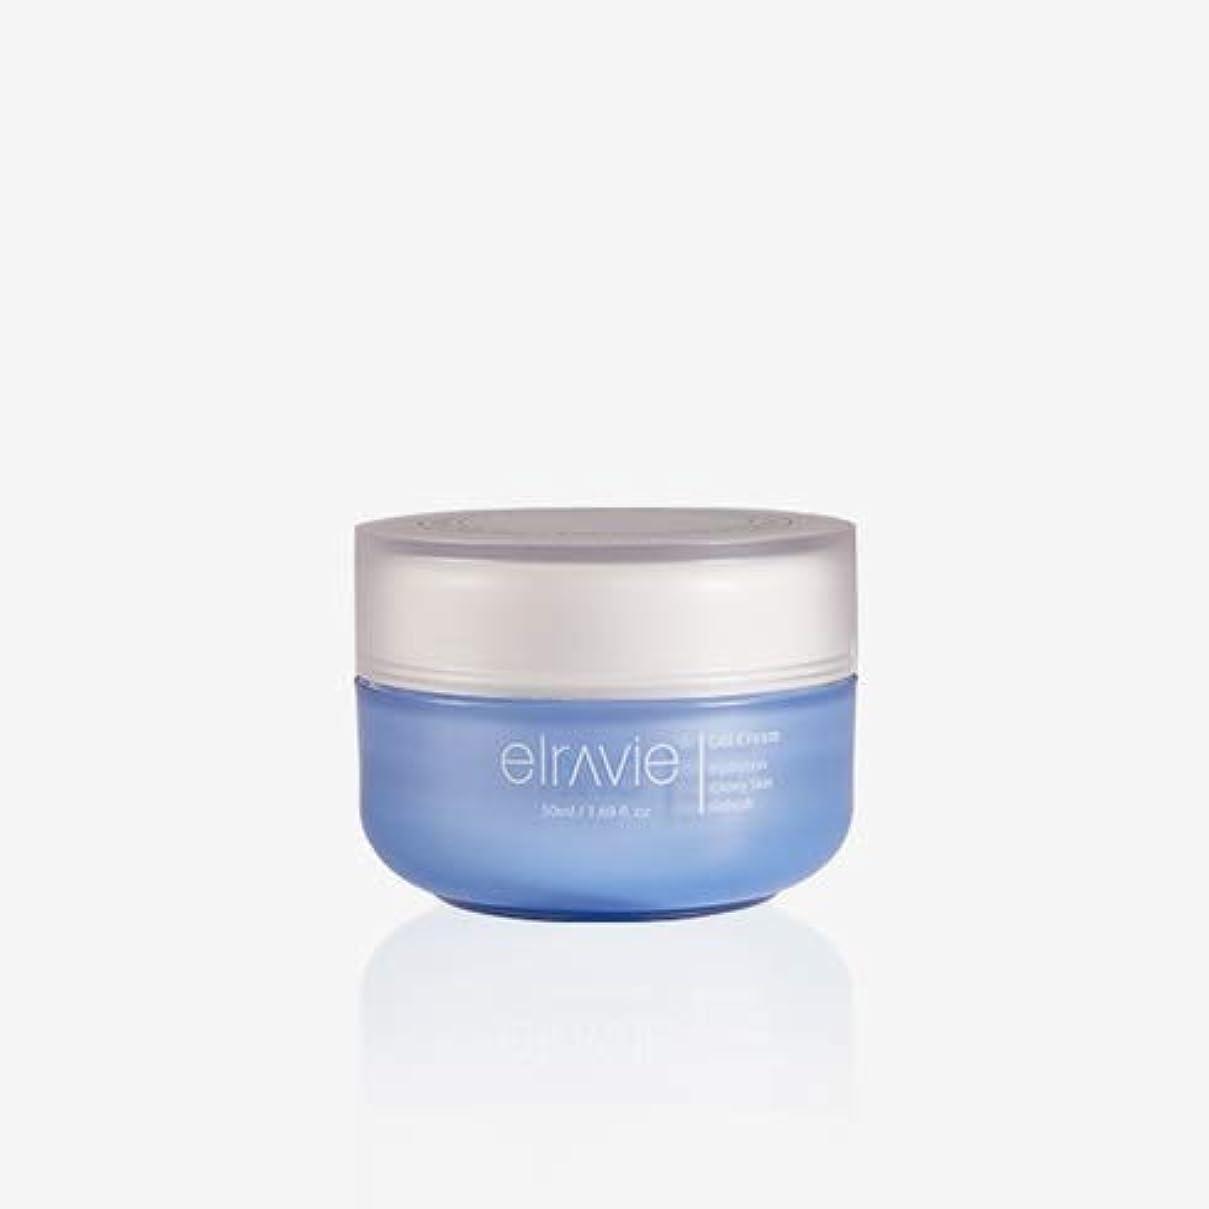 骨混乱させるしてはいけないエラヴィー[Elravie] ダーマハイドロエクステンデッドハイジェルクリーム50ml / Derma Hydro Extended Hyal Gel Cream